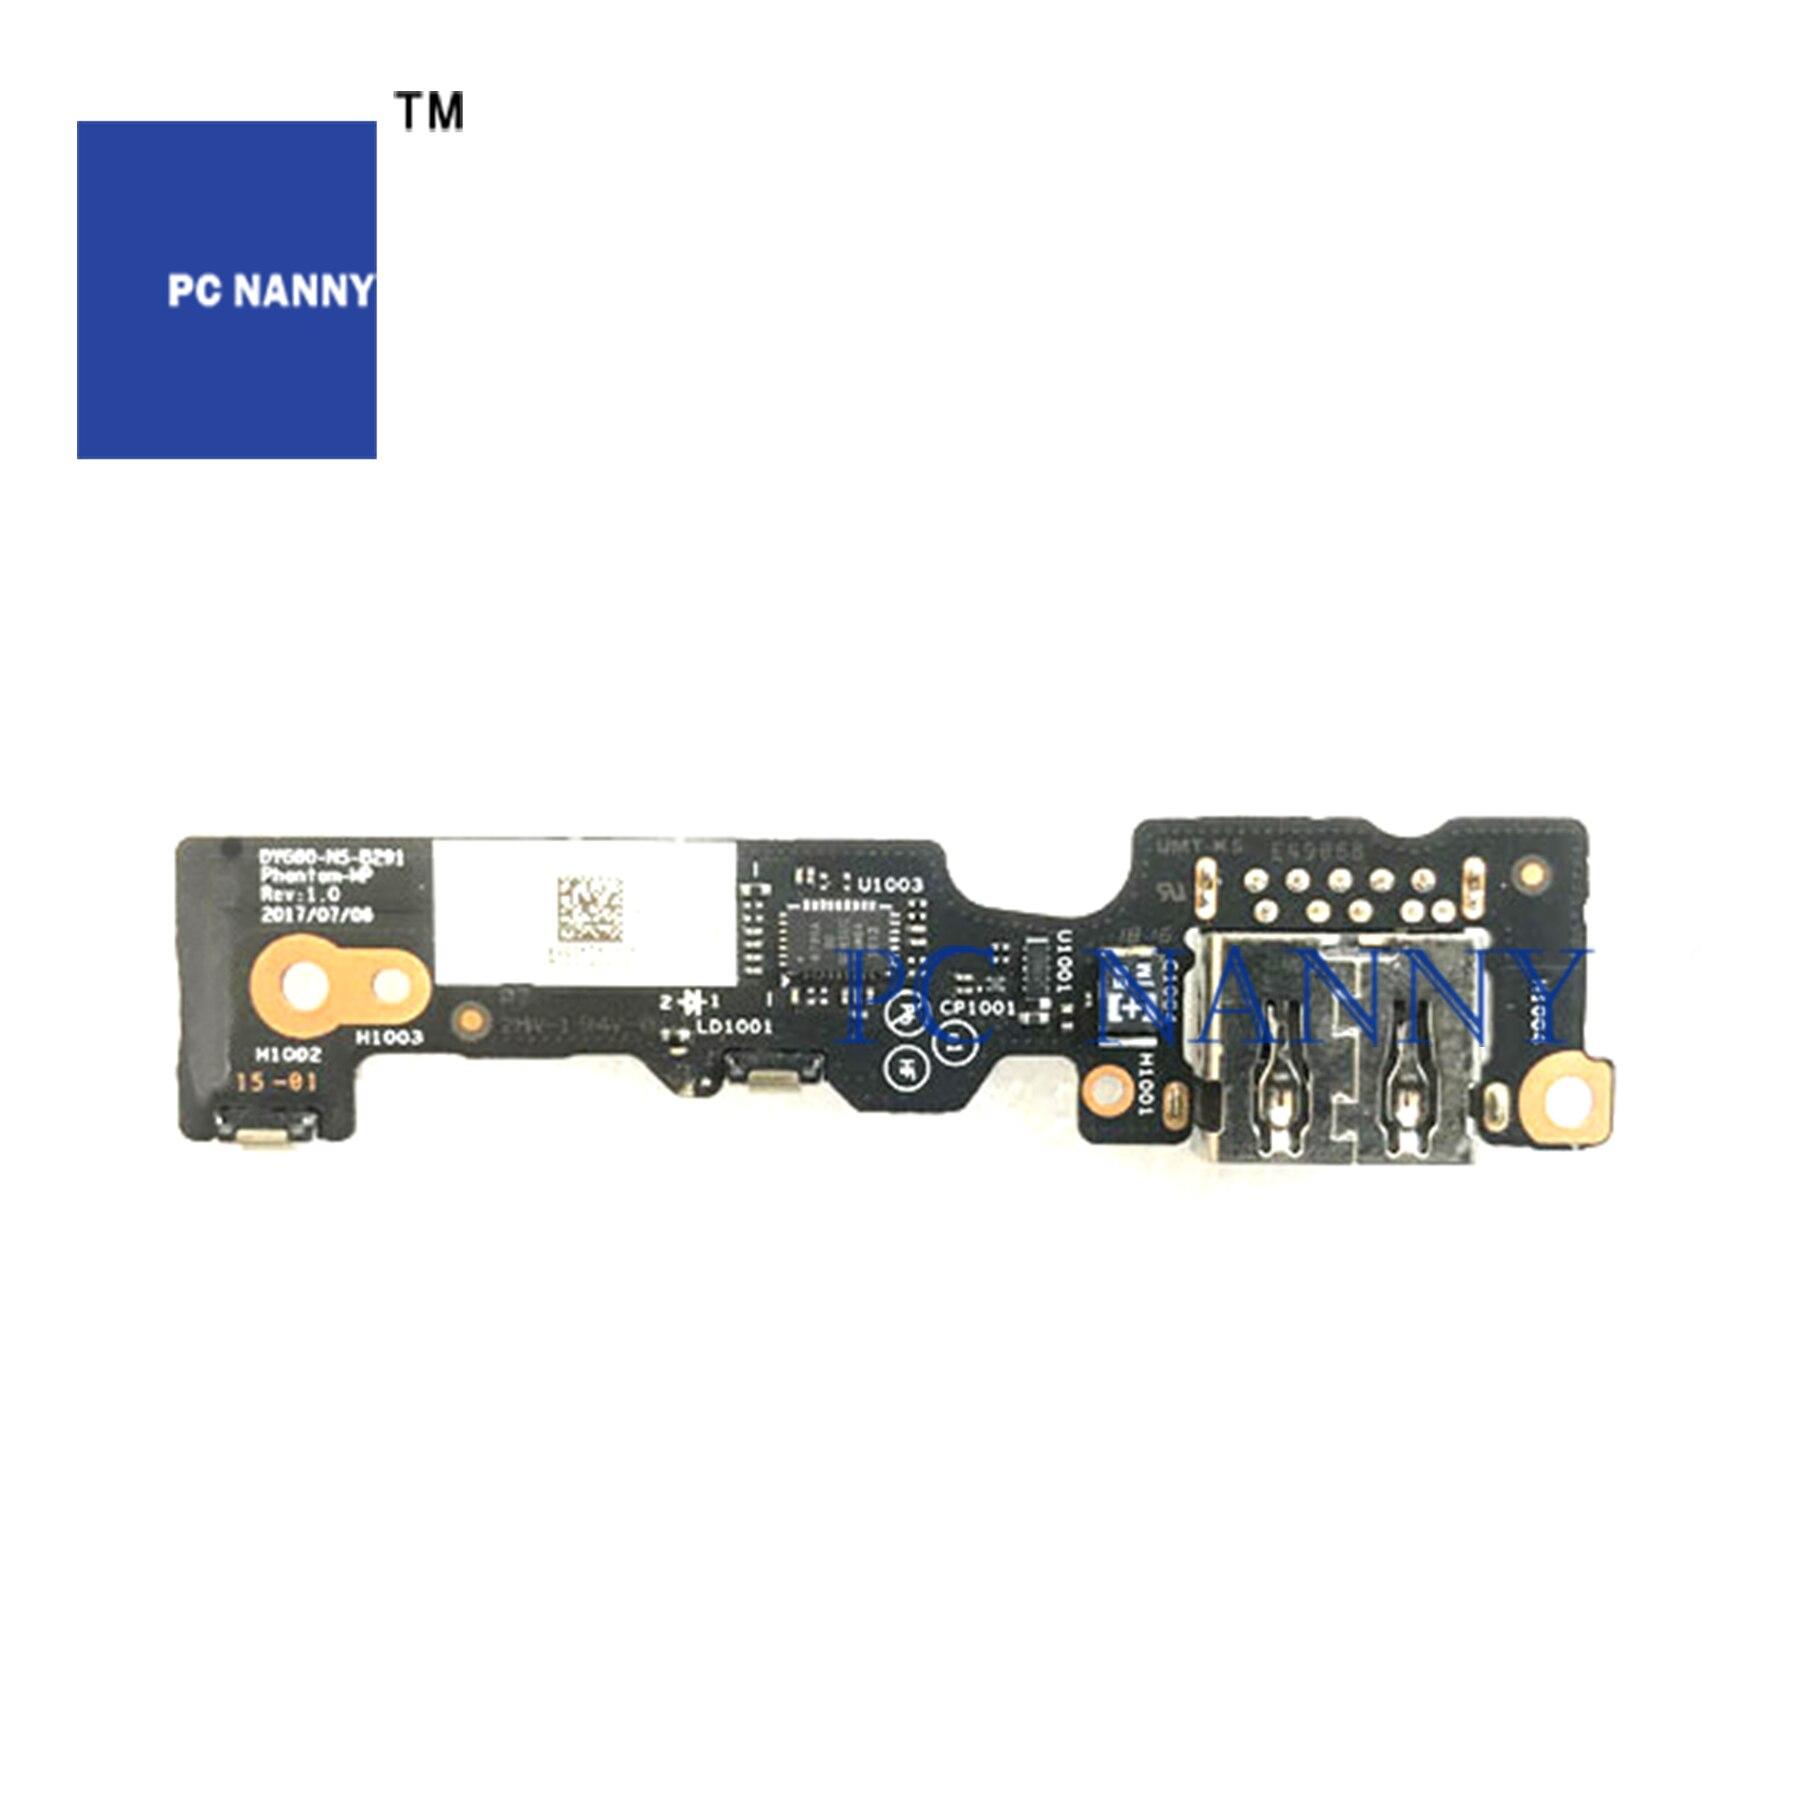 PCNANNY FOR Lenovo Yoga 920 920-13ikb Power Botton Switch USB  Board DYG60 NS-B291 DYG60 NF-B292 DA30000K030 CABLE Test Good